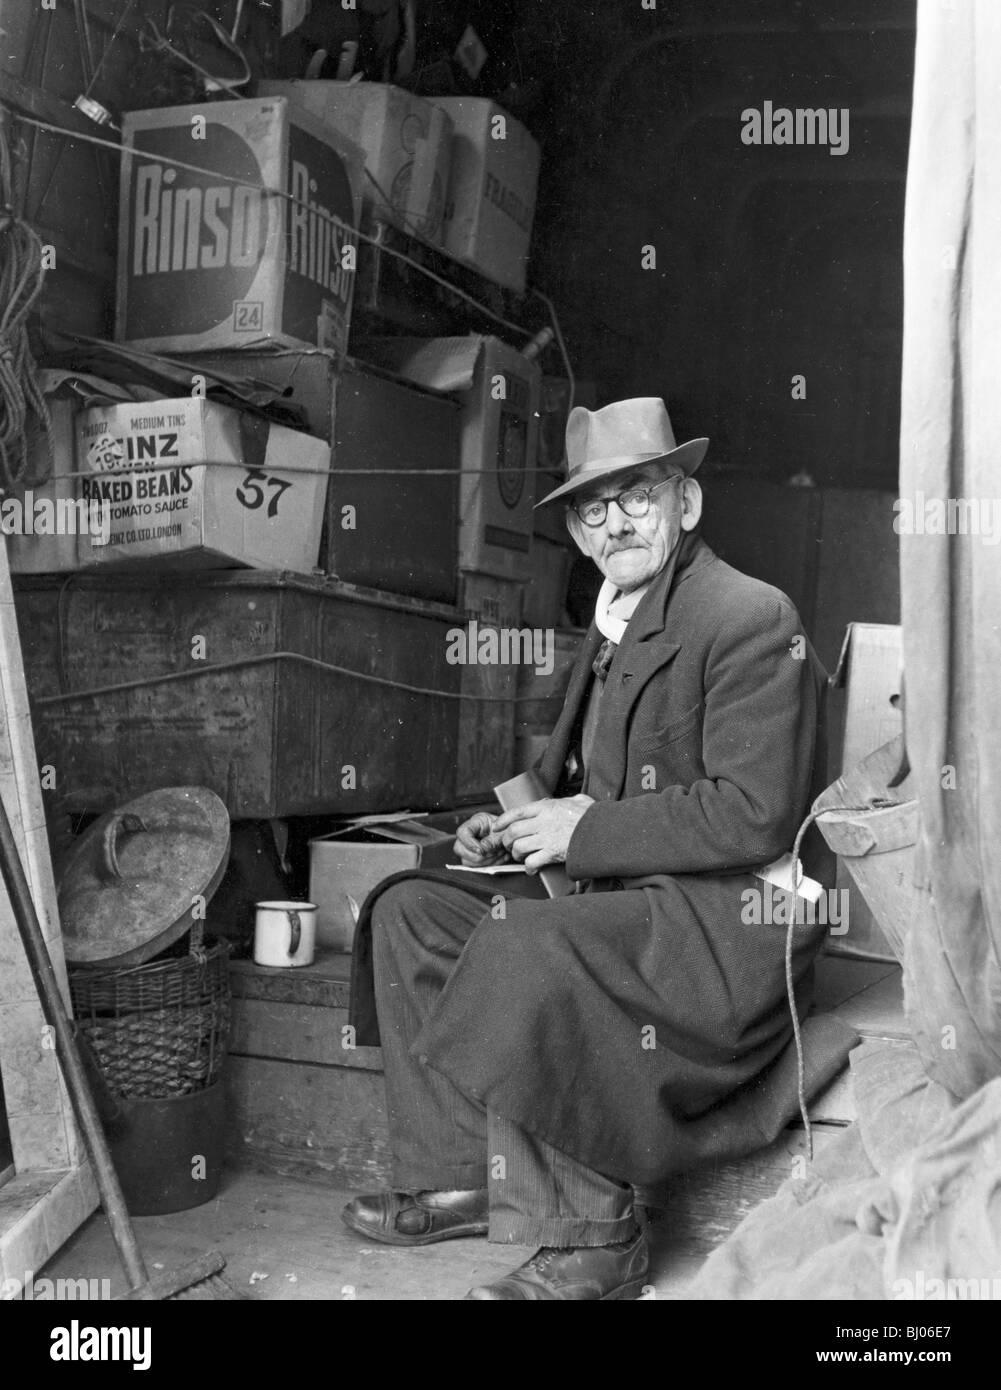 Camden Town, Londres, 1950. Artiste: Henry Grant Photo Stock